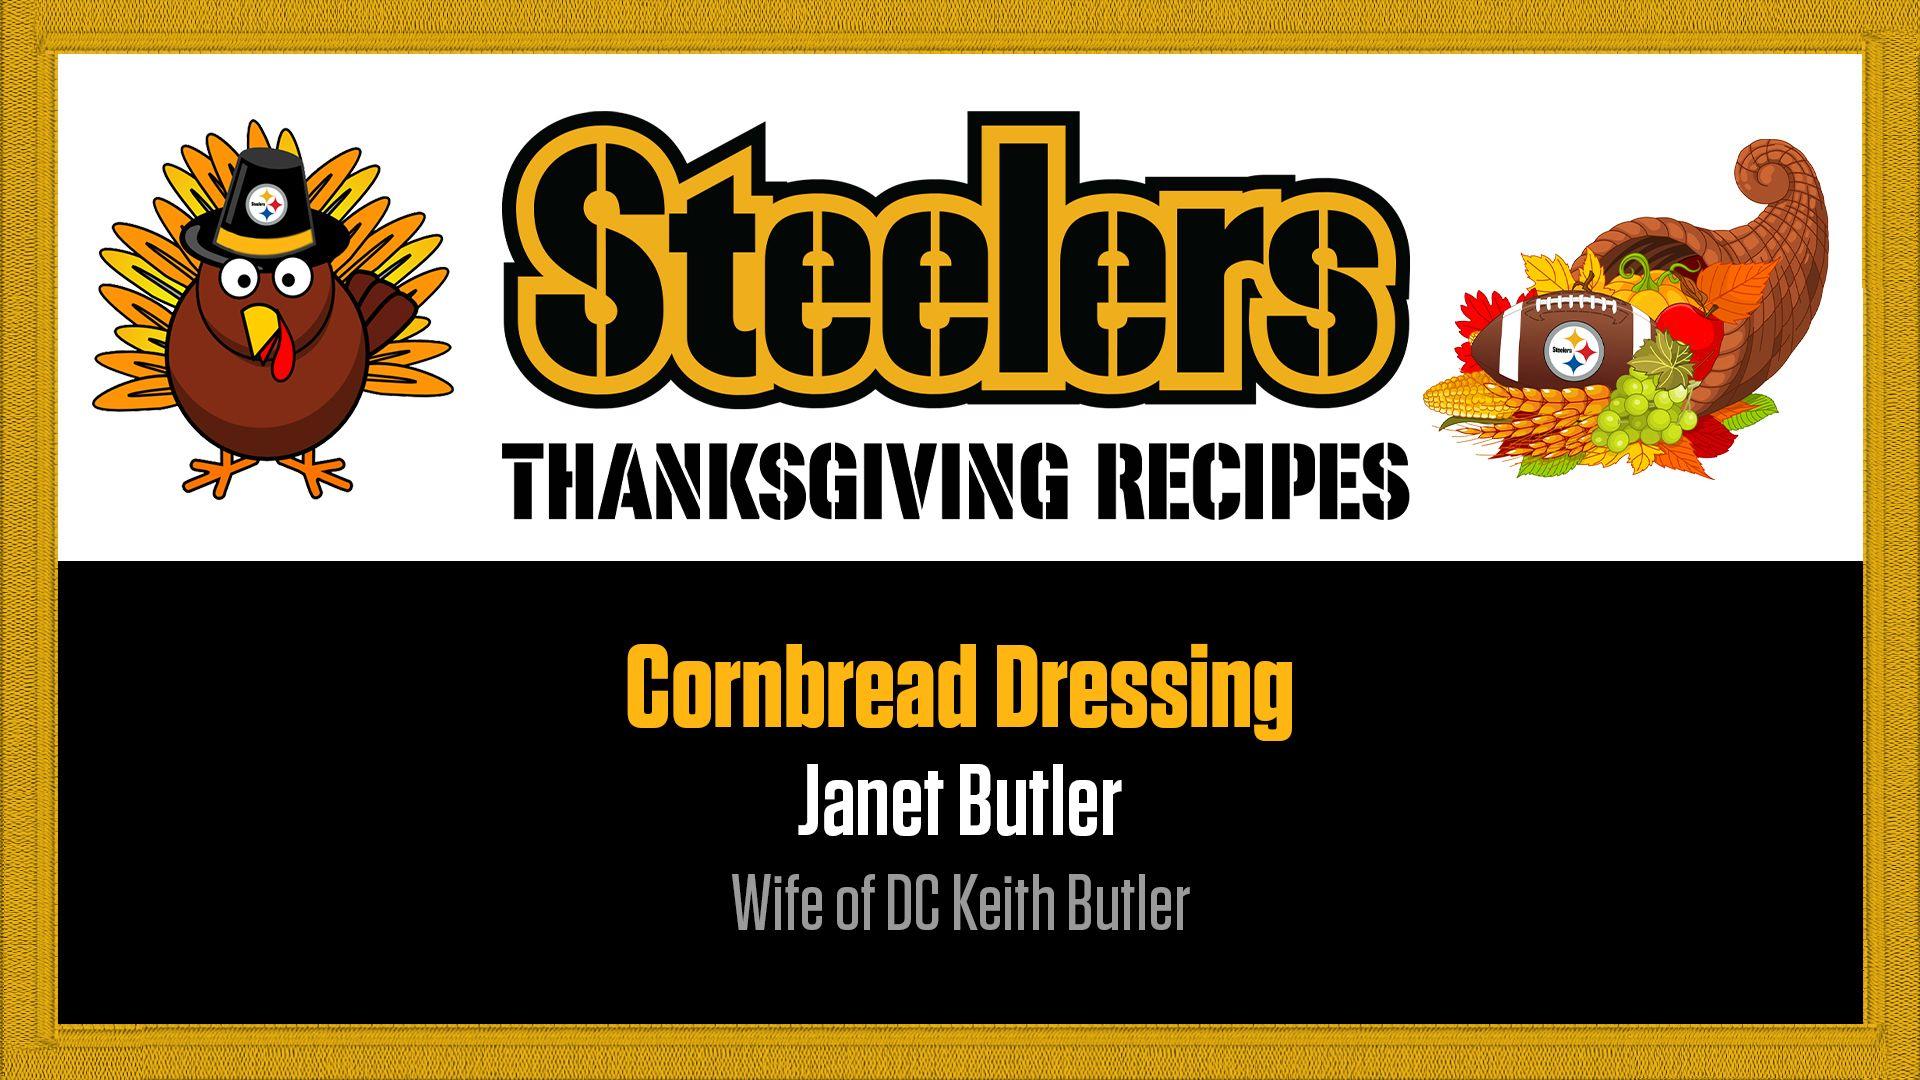 cornbread dressing_janet butler